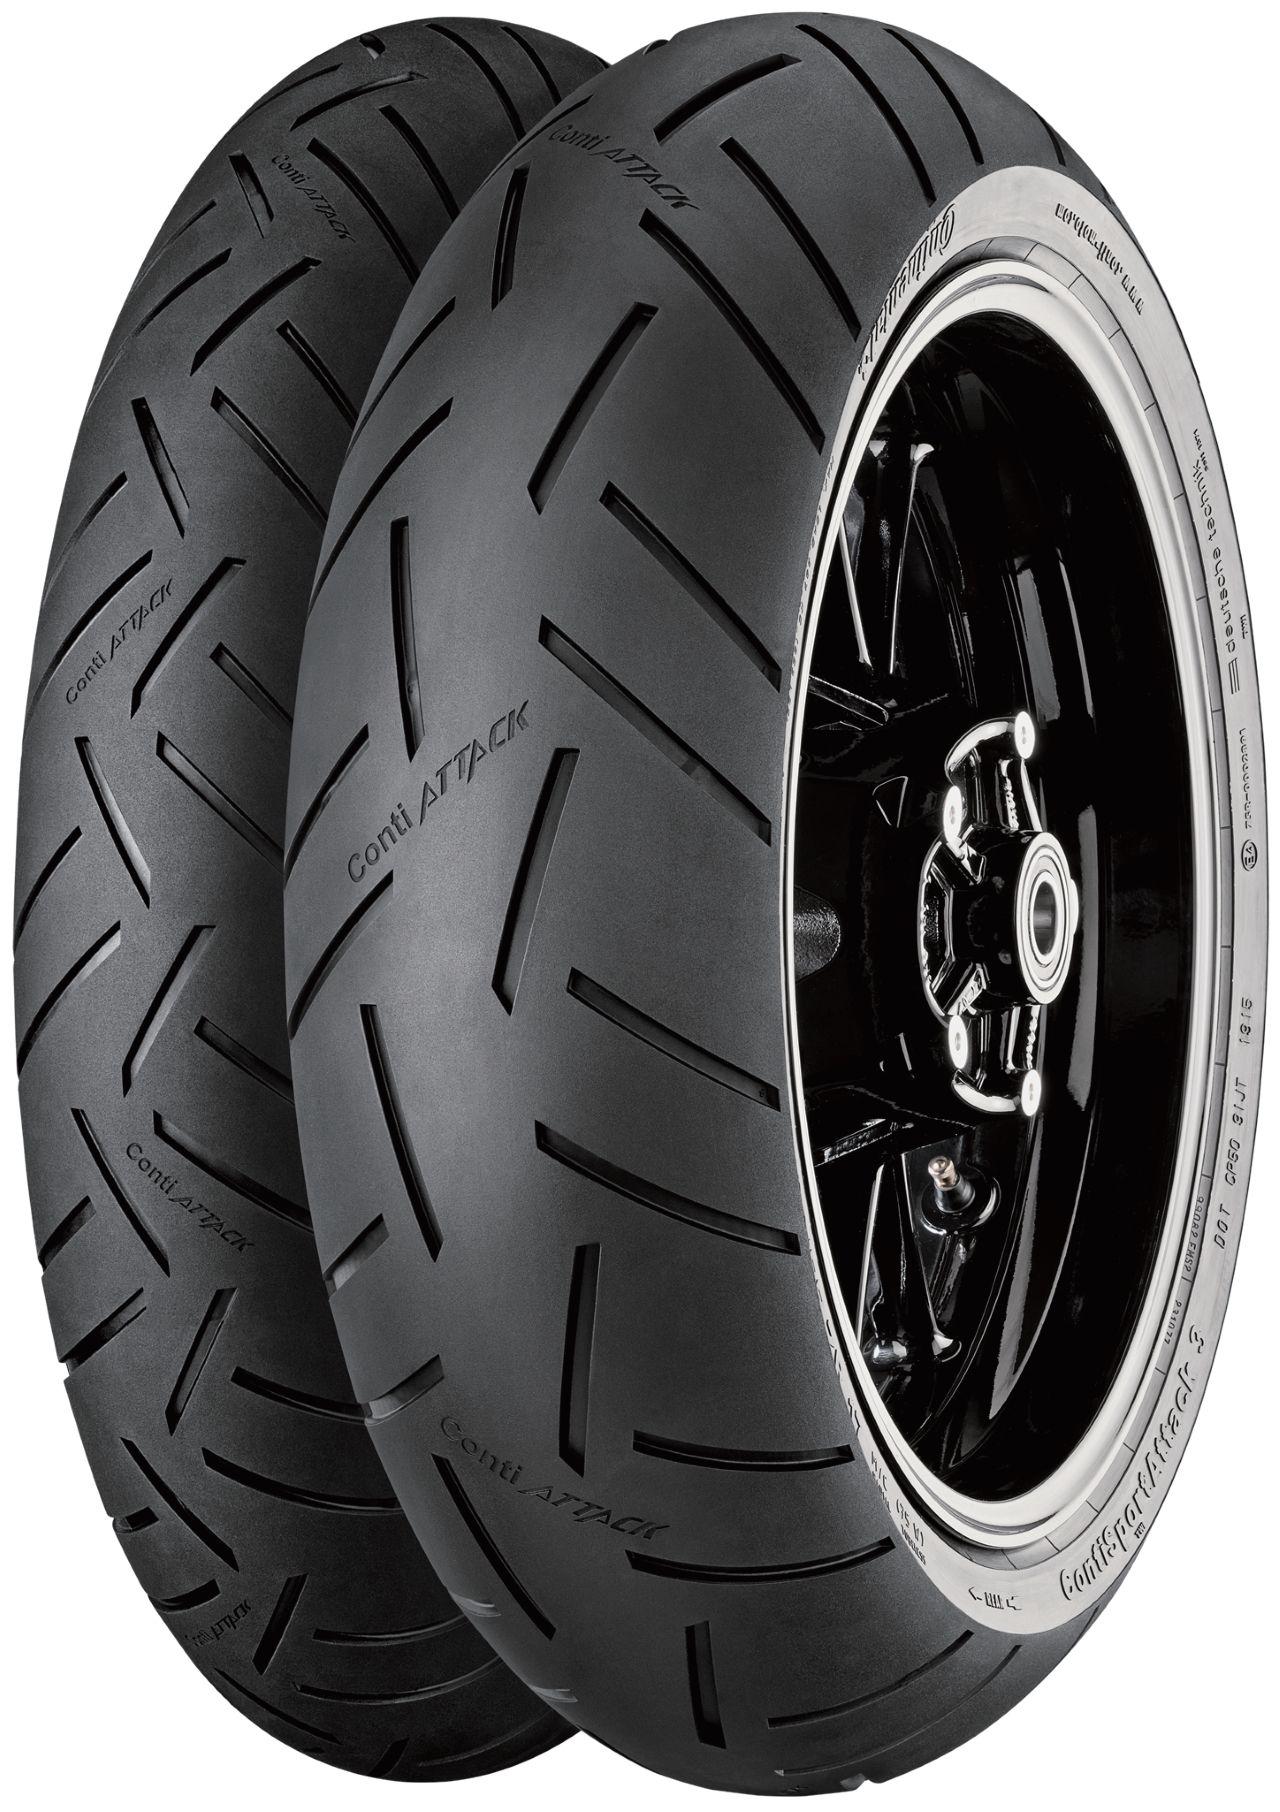 Continental Conti Sport Attack 3 [190/50ZR17 M/C (73W) TL] Tire